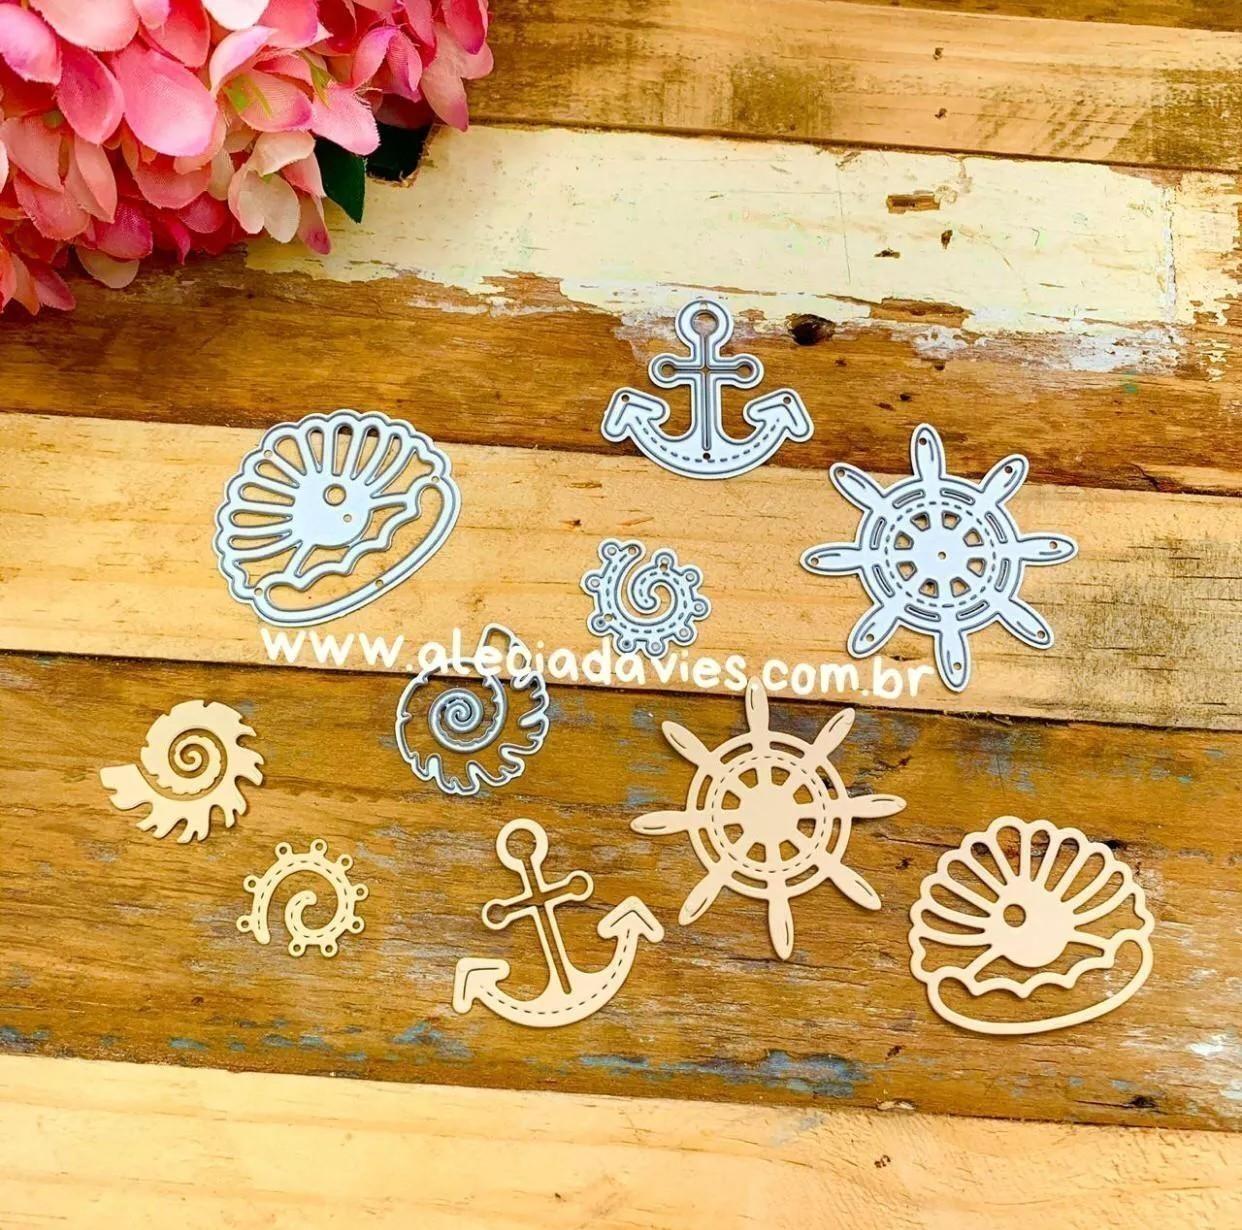 Elementos mar oceano